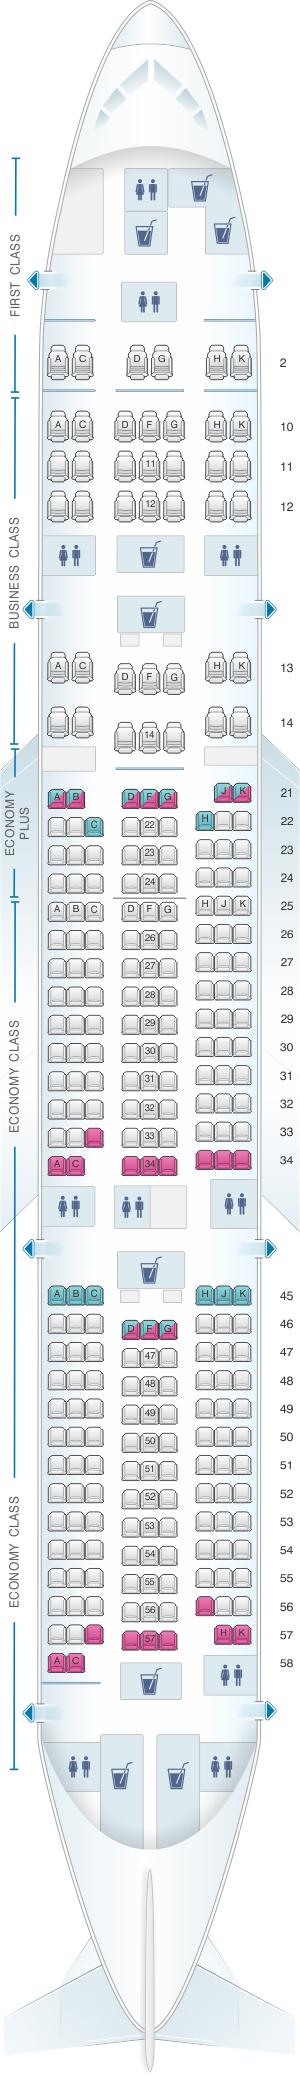 Seat map for El Al Israel Airlines Boeing B777 200ER